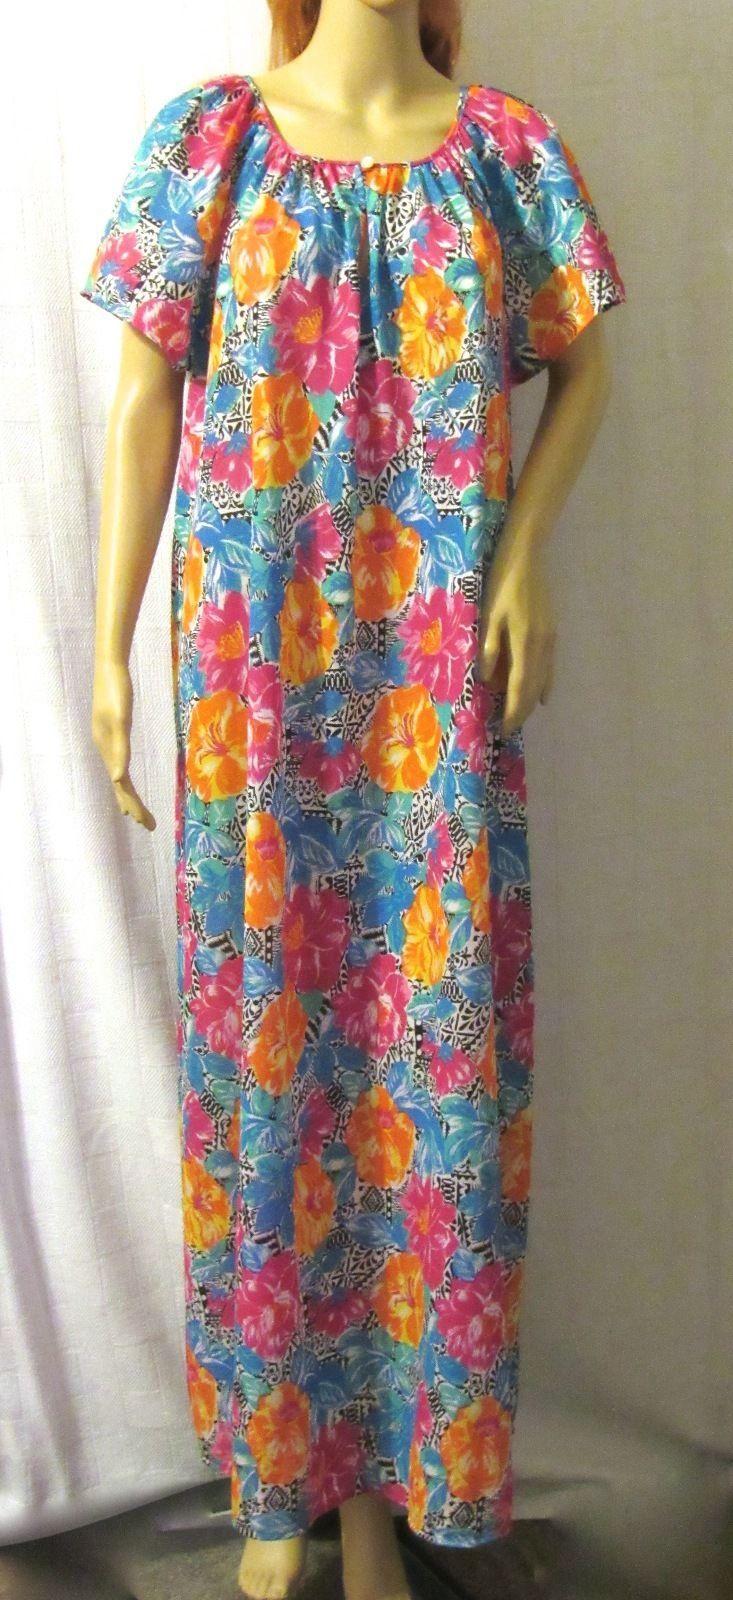 La Valle & Mills Vintage Floral Print Nylon Maxi Multi-Color Lounge Dress 4/6